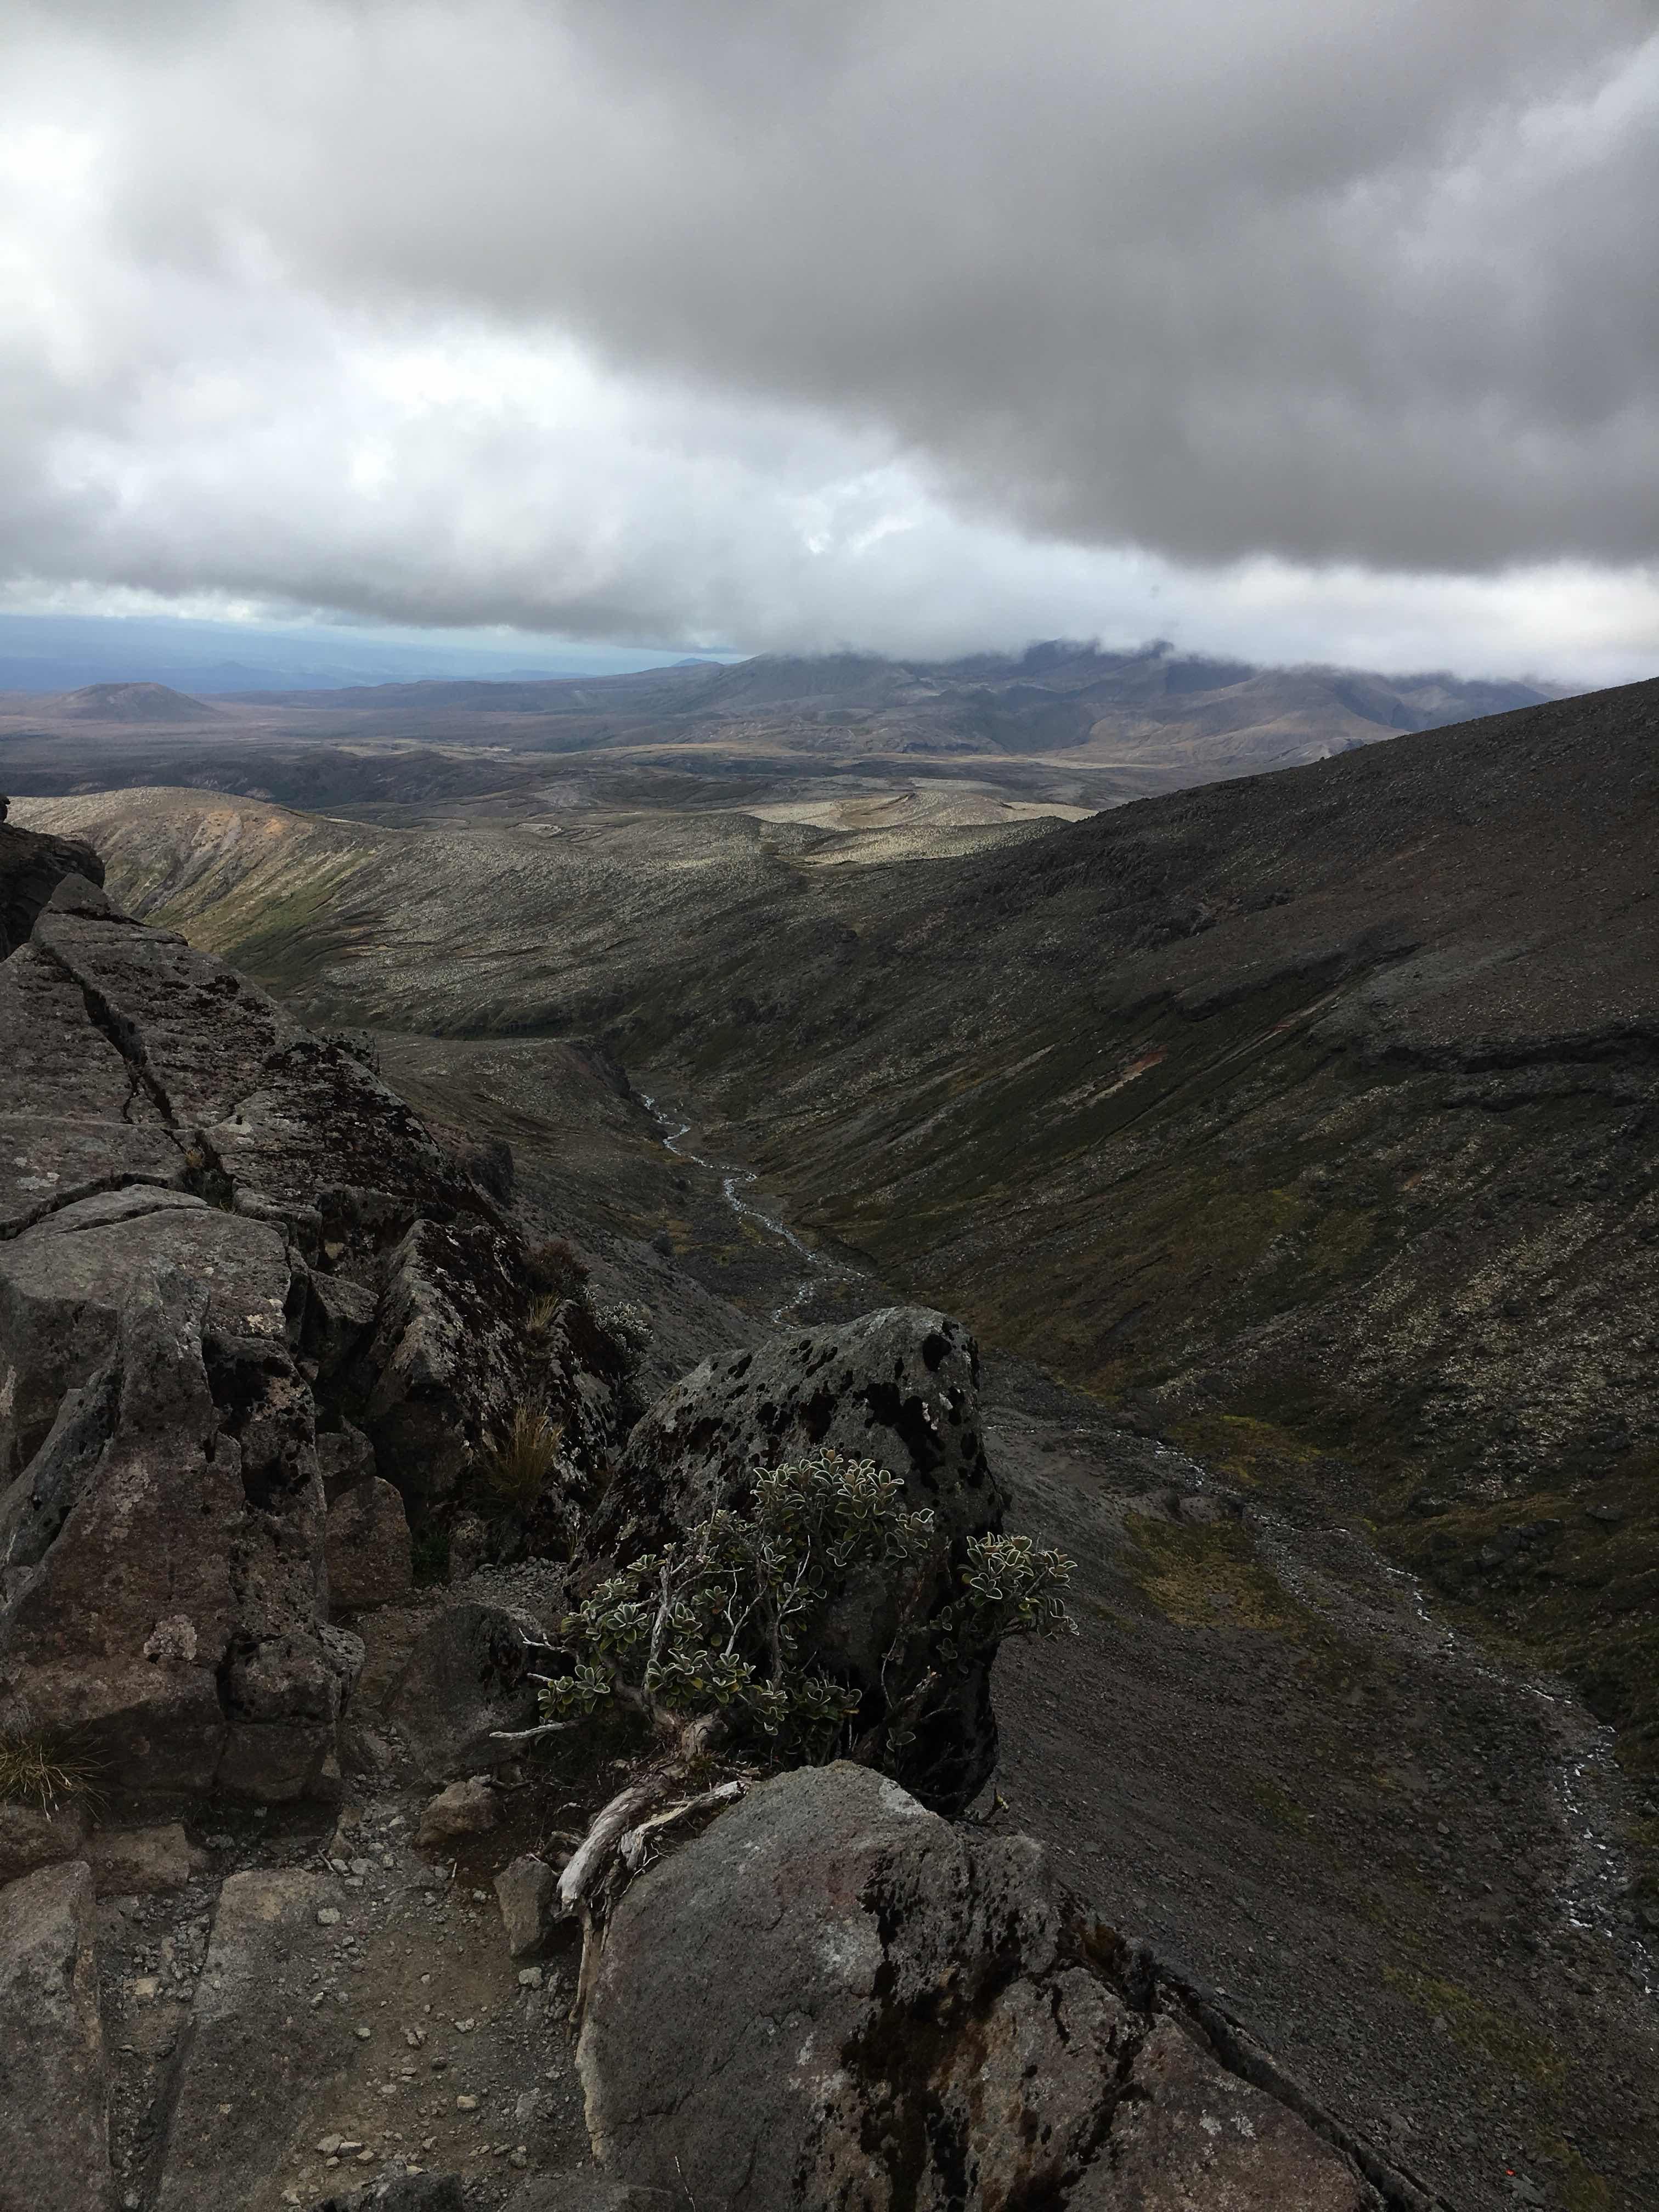 Mt Ruapehu views